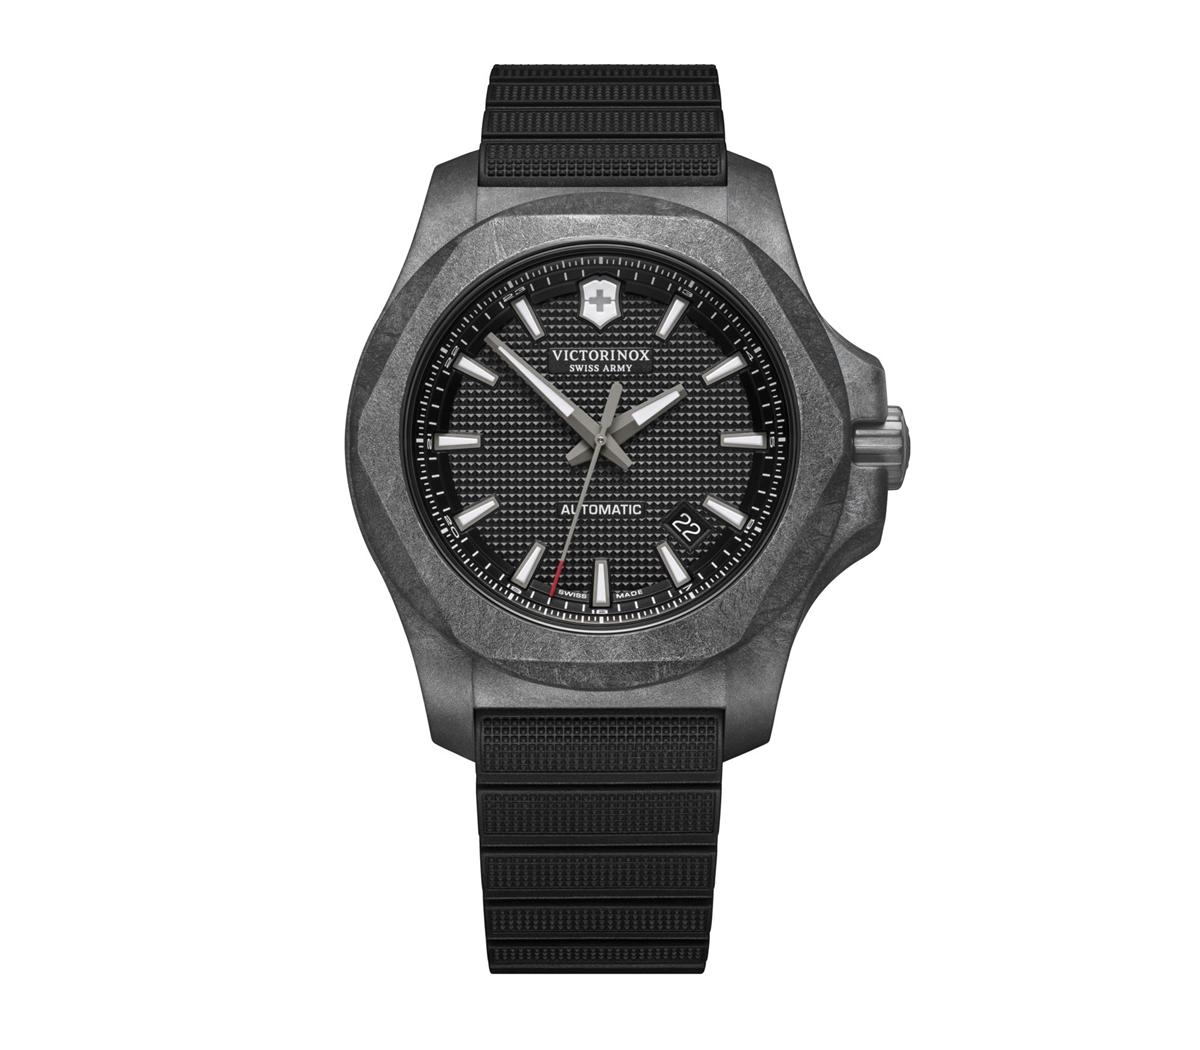 正規品 VICTORINOX ビクトリノックス 241866.1 イノックス カーボン メカニカル 腕時計